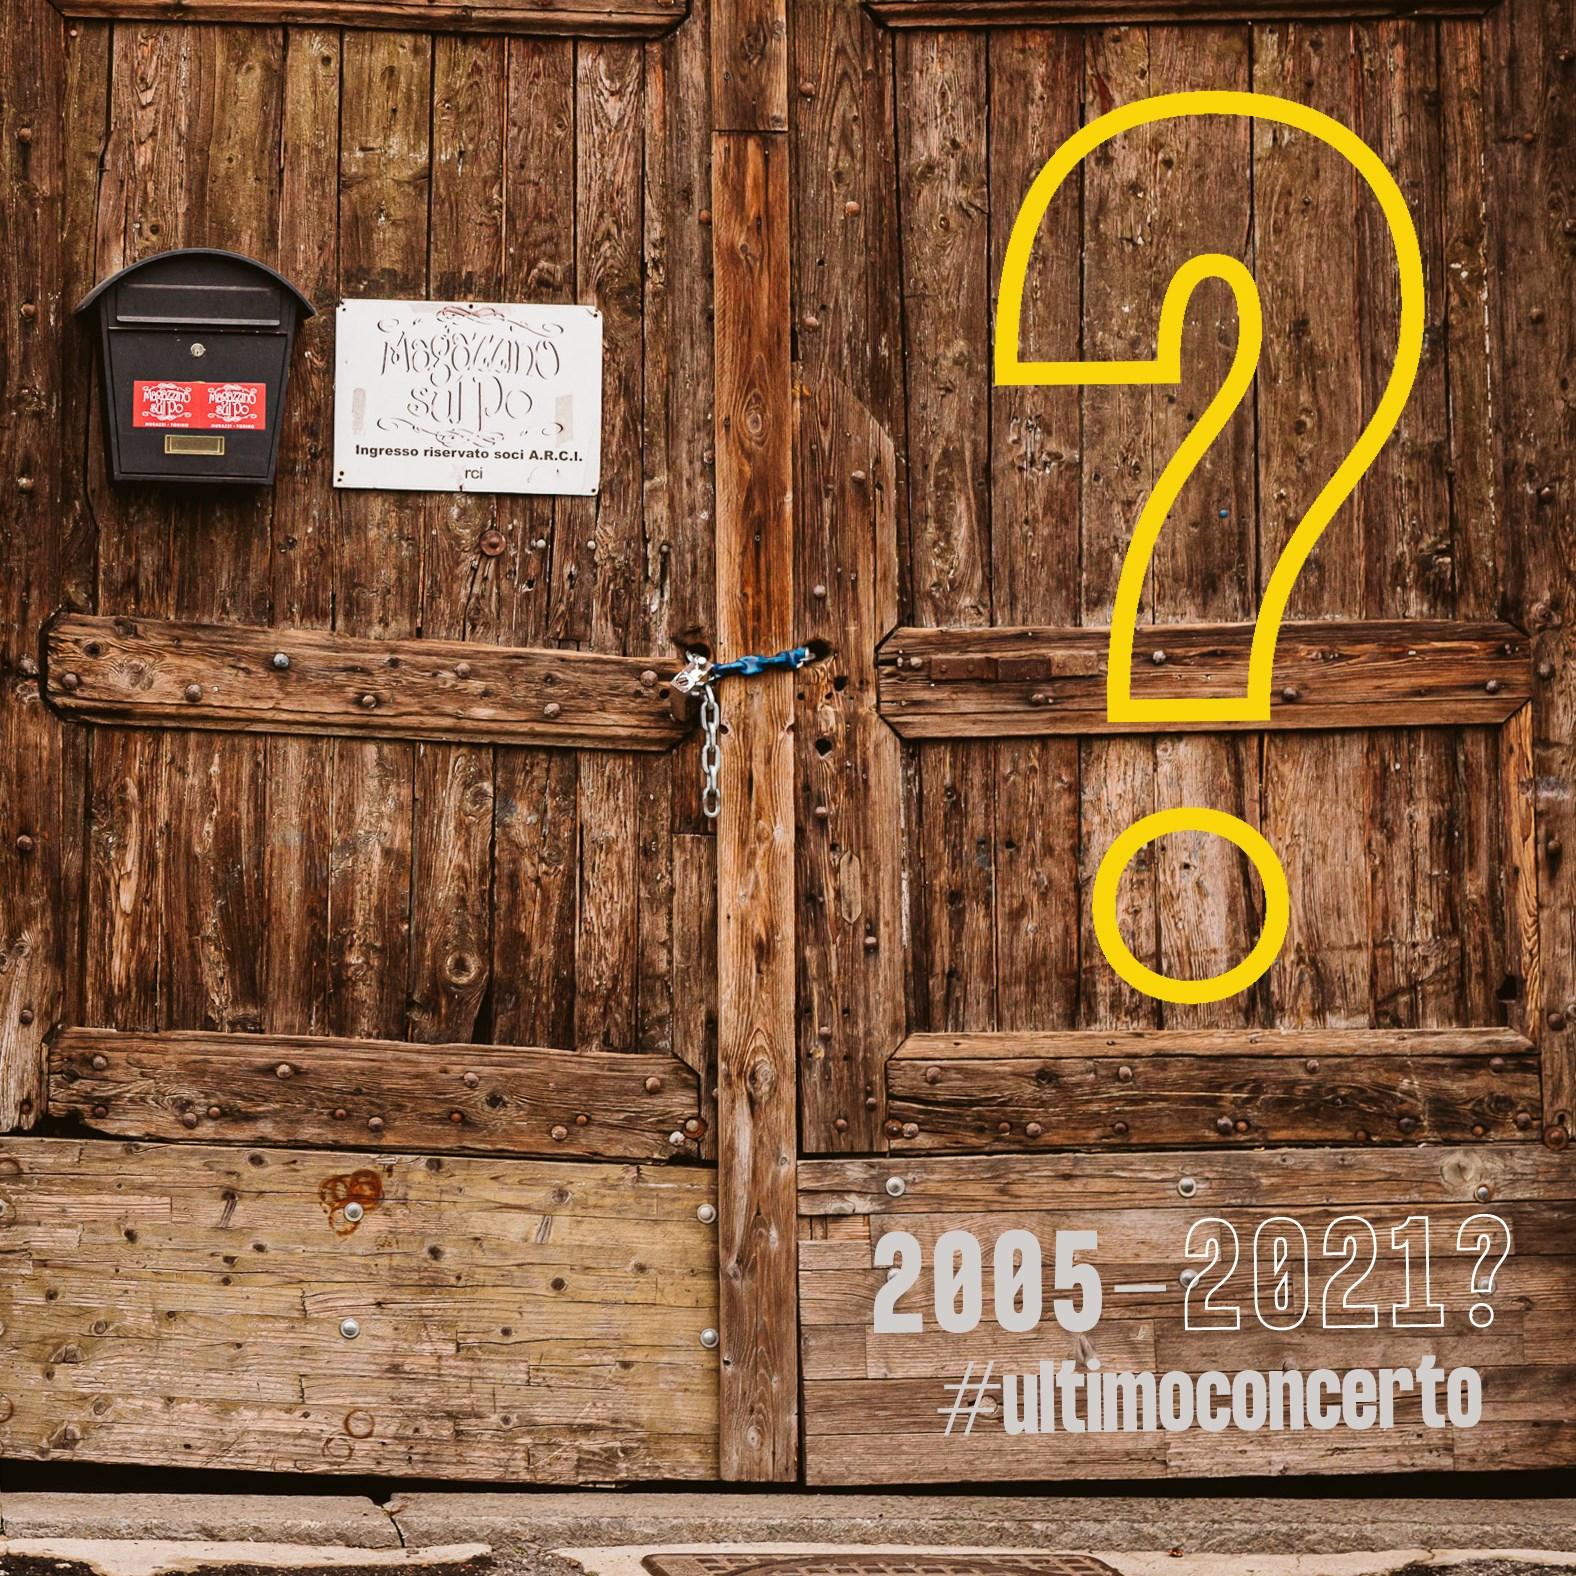 Magazzini Sul Po di Torino - L'Ultimo Concerto? #ultimoconcerto